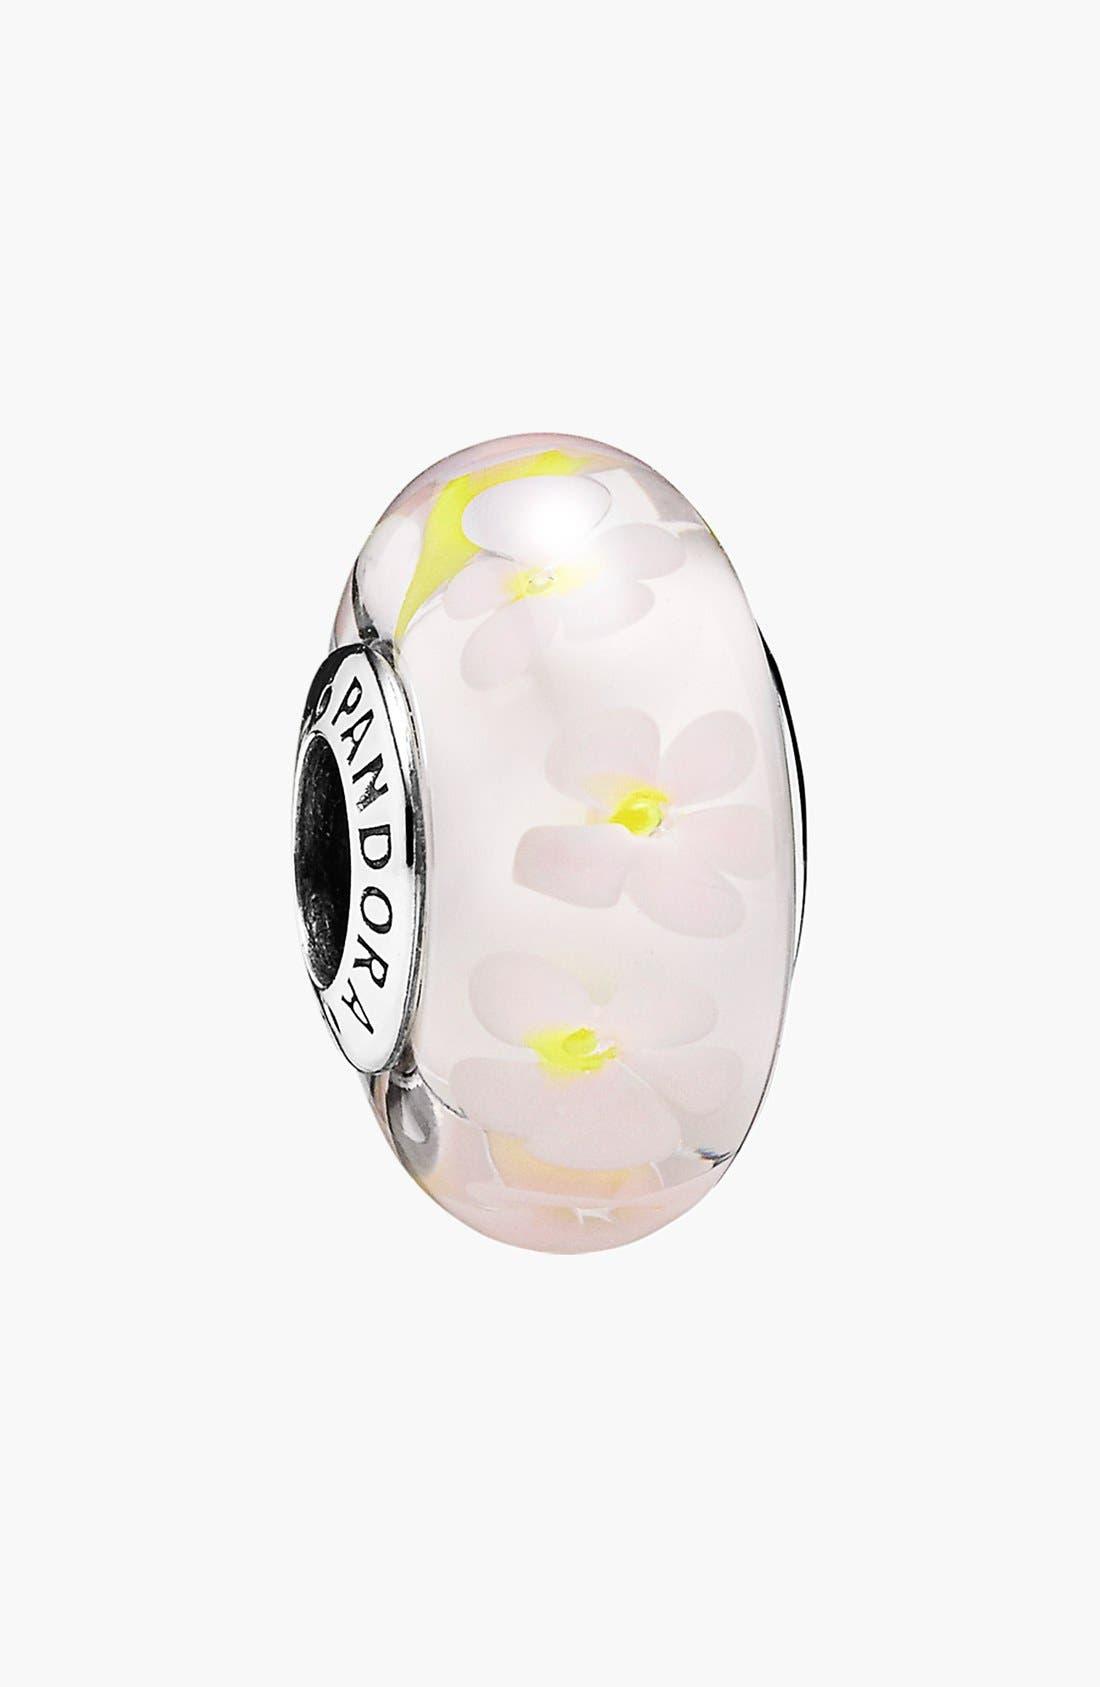 Main Image - PANDORA 'Field of Daisies' Murano Glass Bead Charm